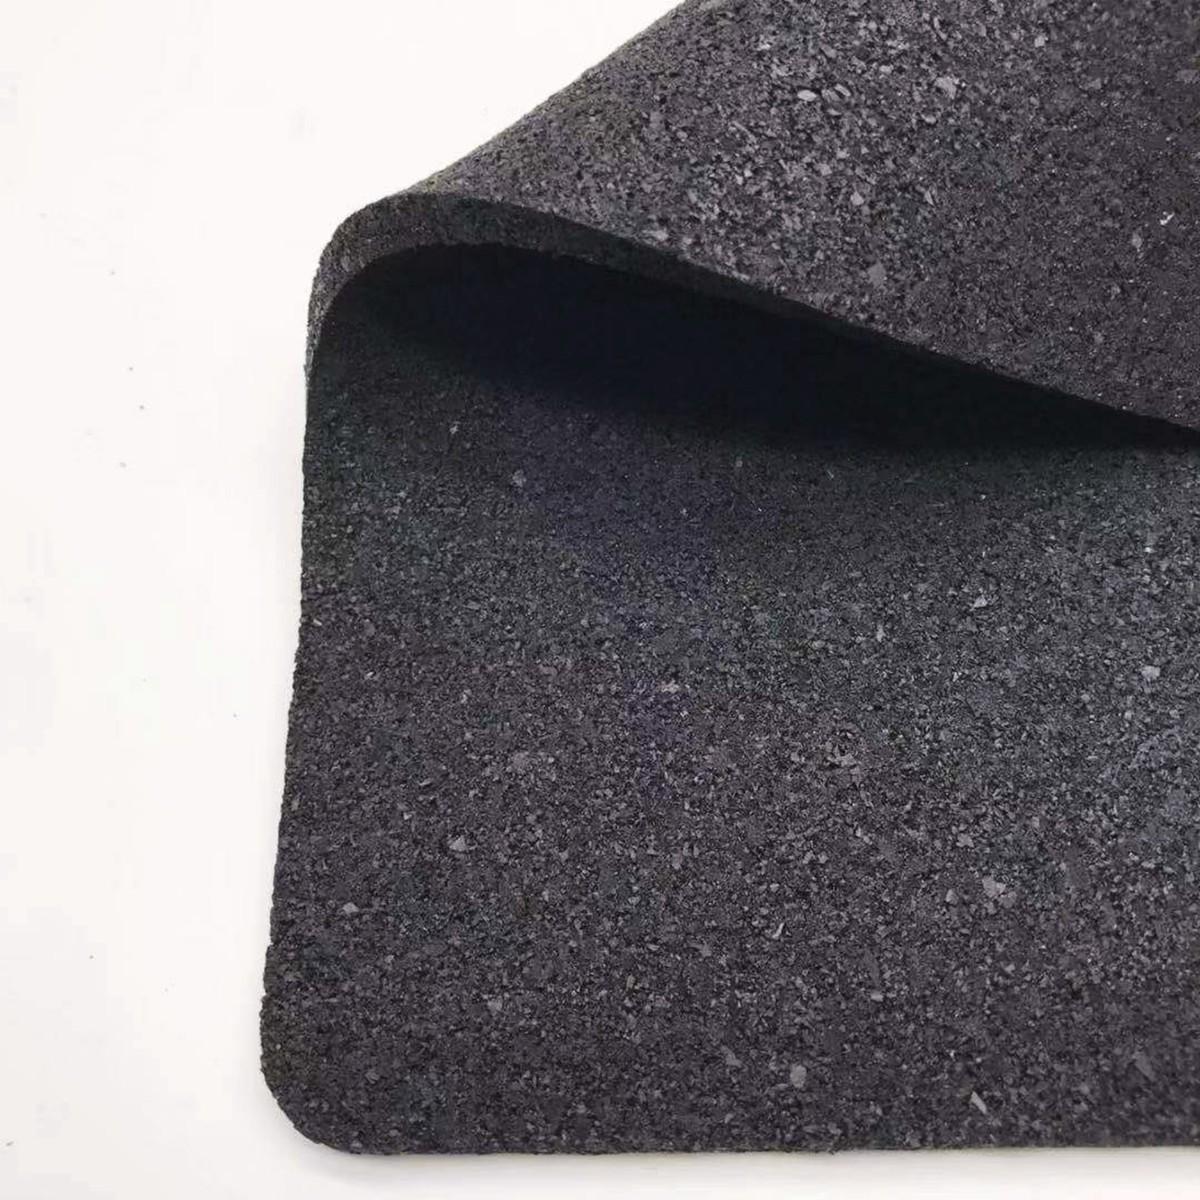 5厚橡胶隔音减震垫,酒店隔音减震专用,橡胶隔声垫,橡胶隔音地垫